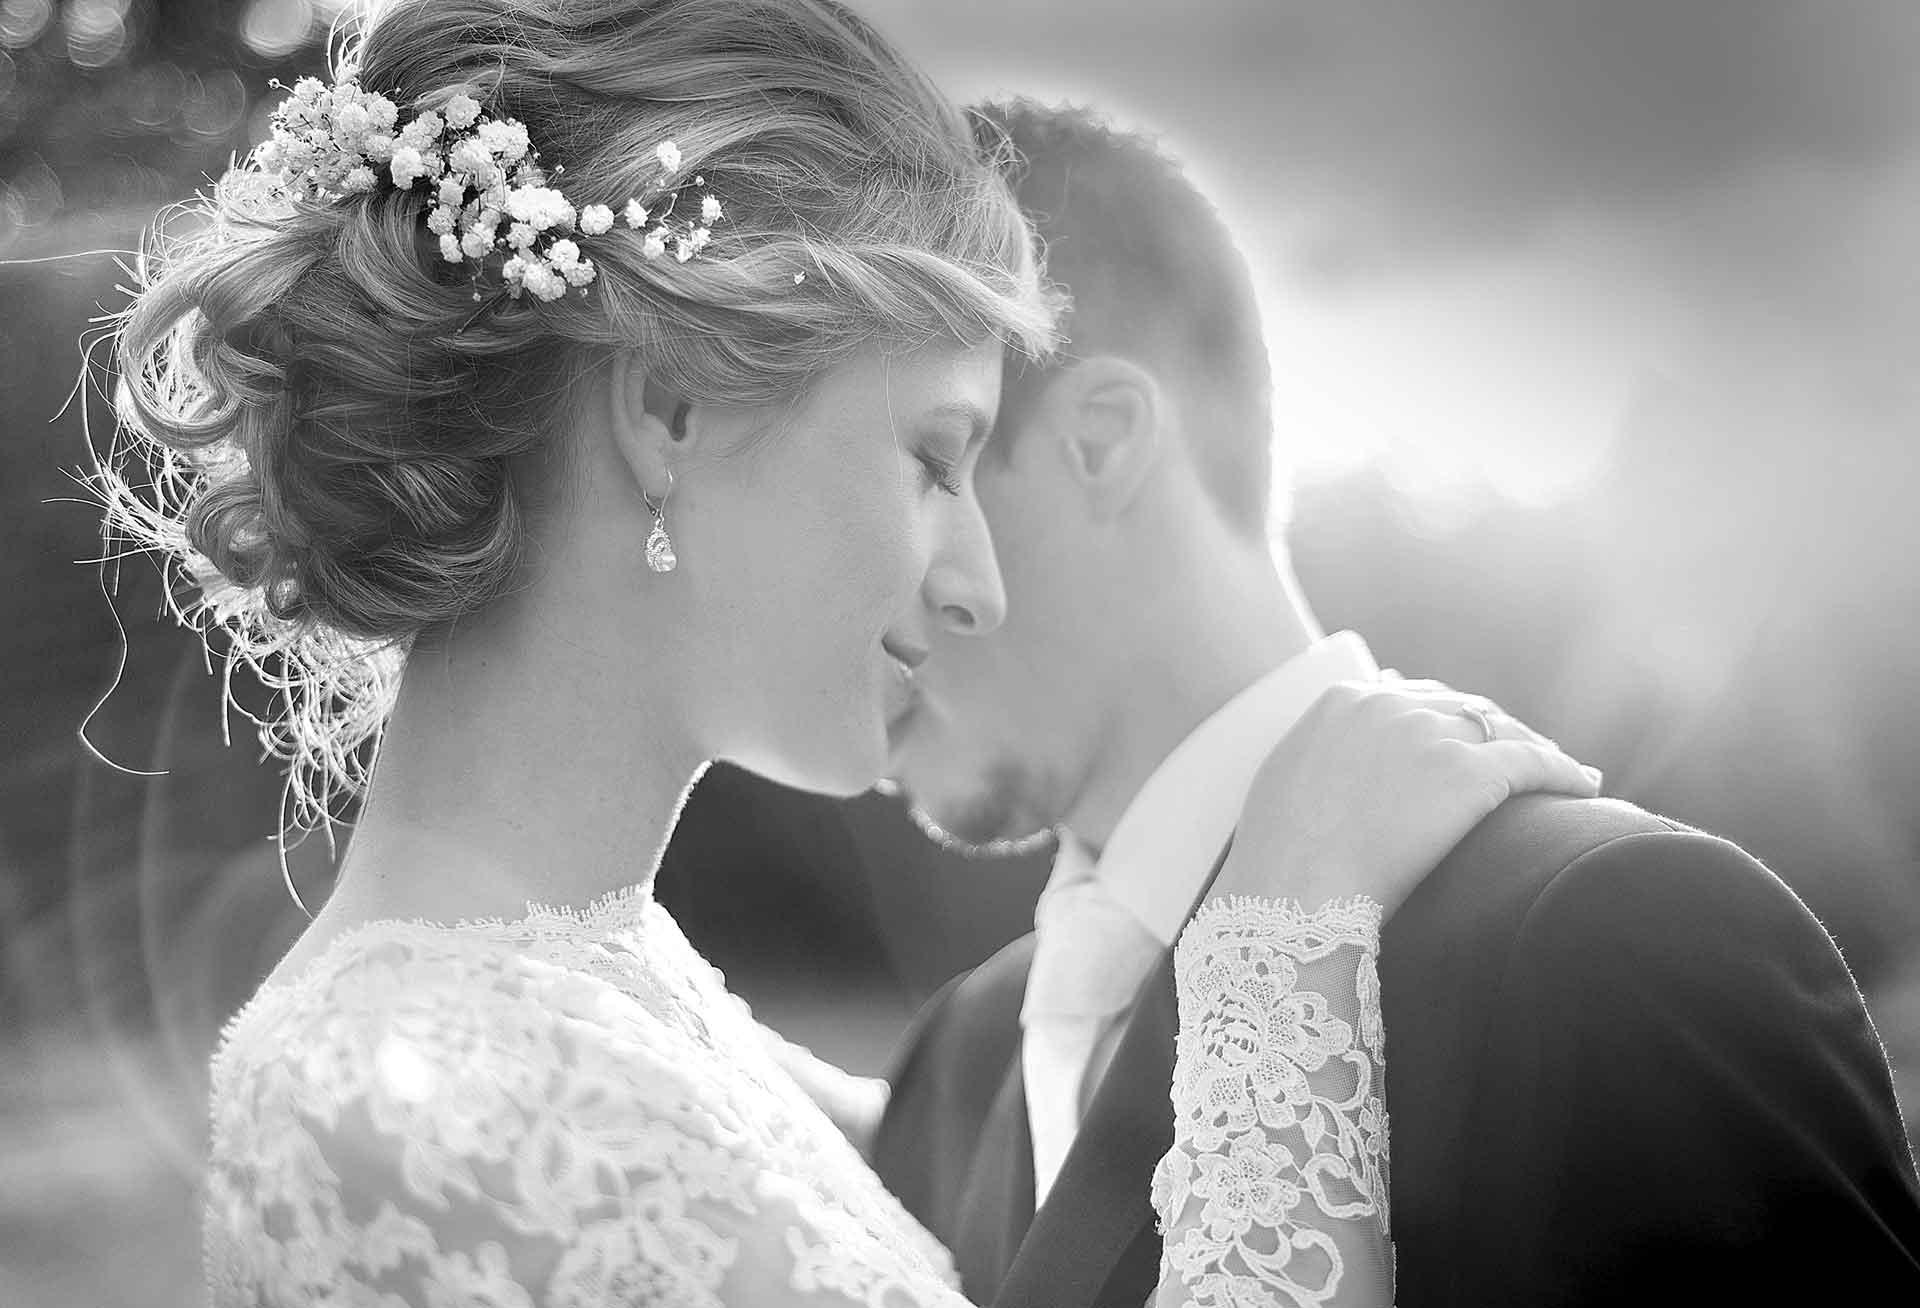 incrocio di sguardi romantici tra sposi